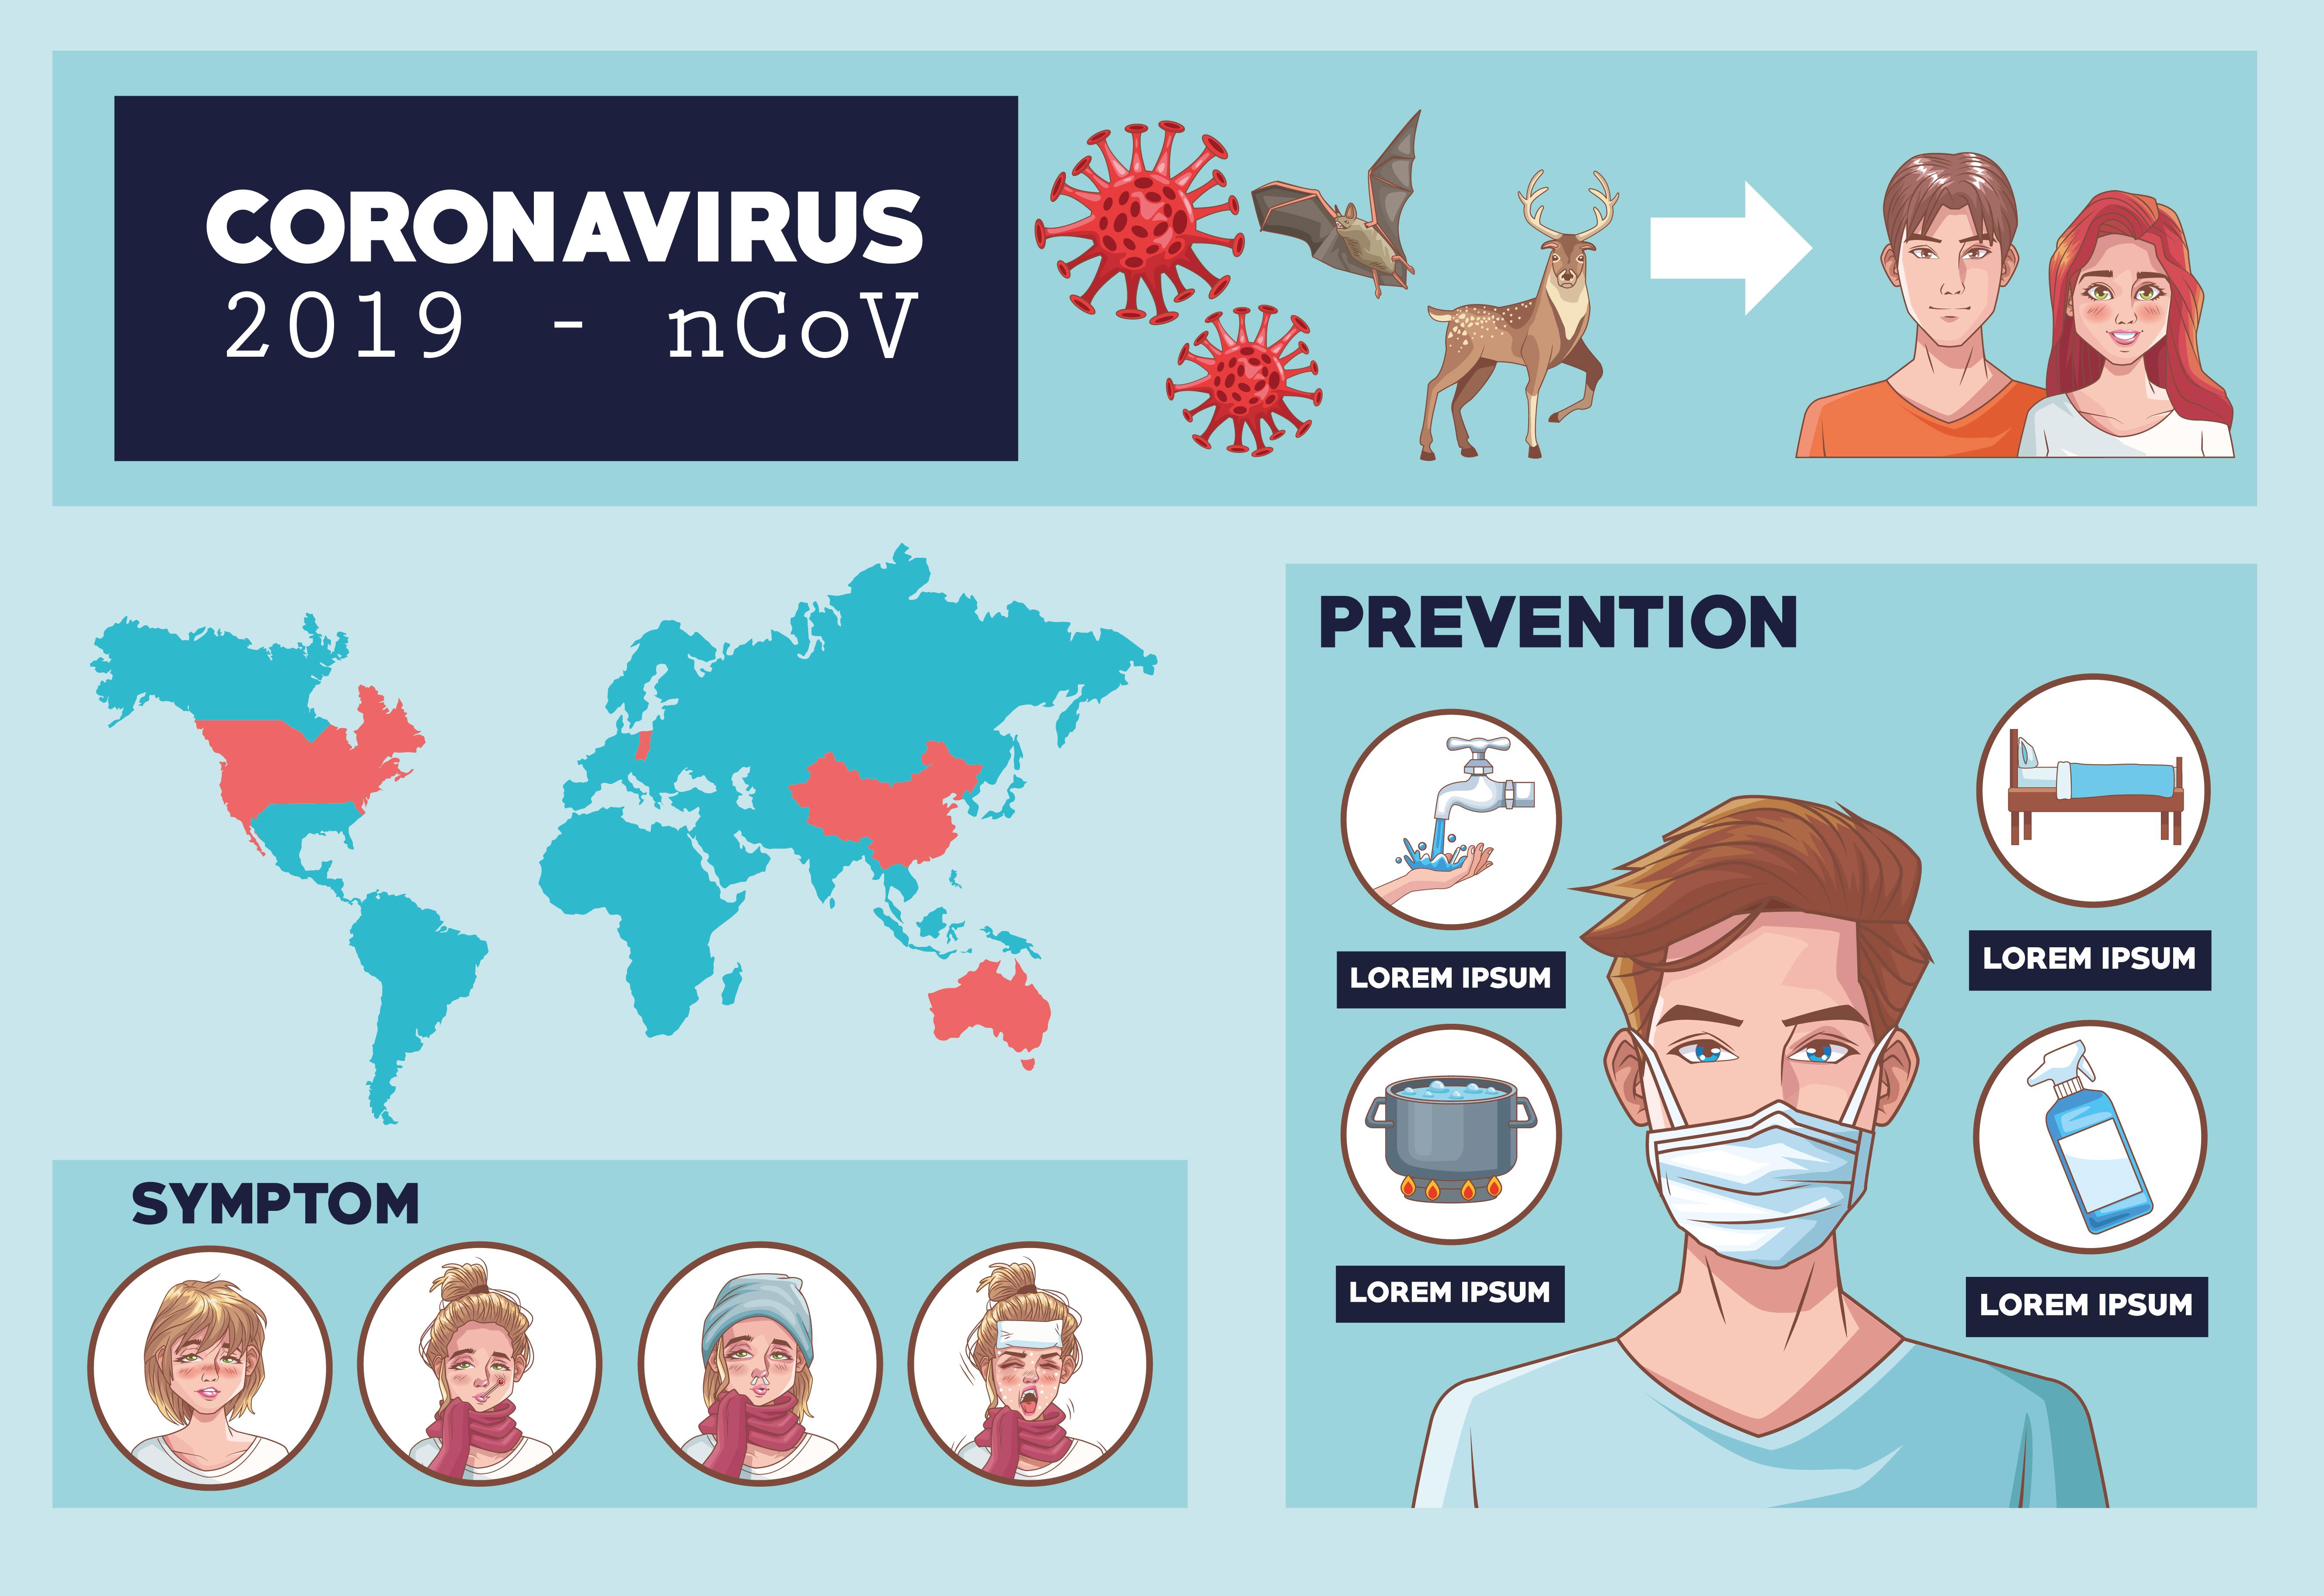 Infografía de coronavirus ncov 2019 con síntomas y prevención